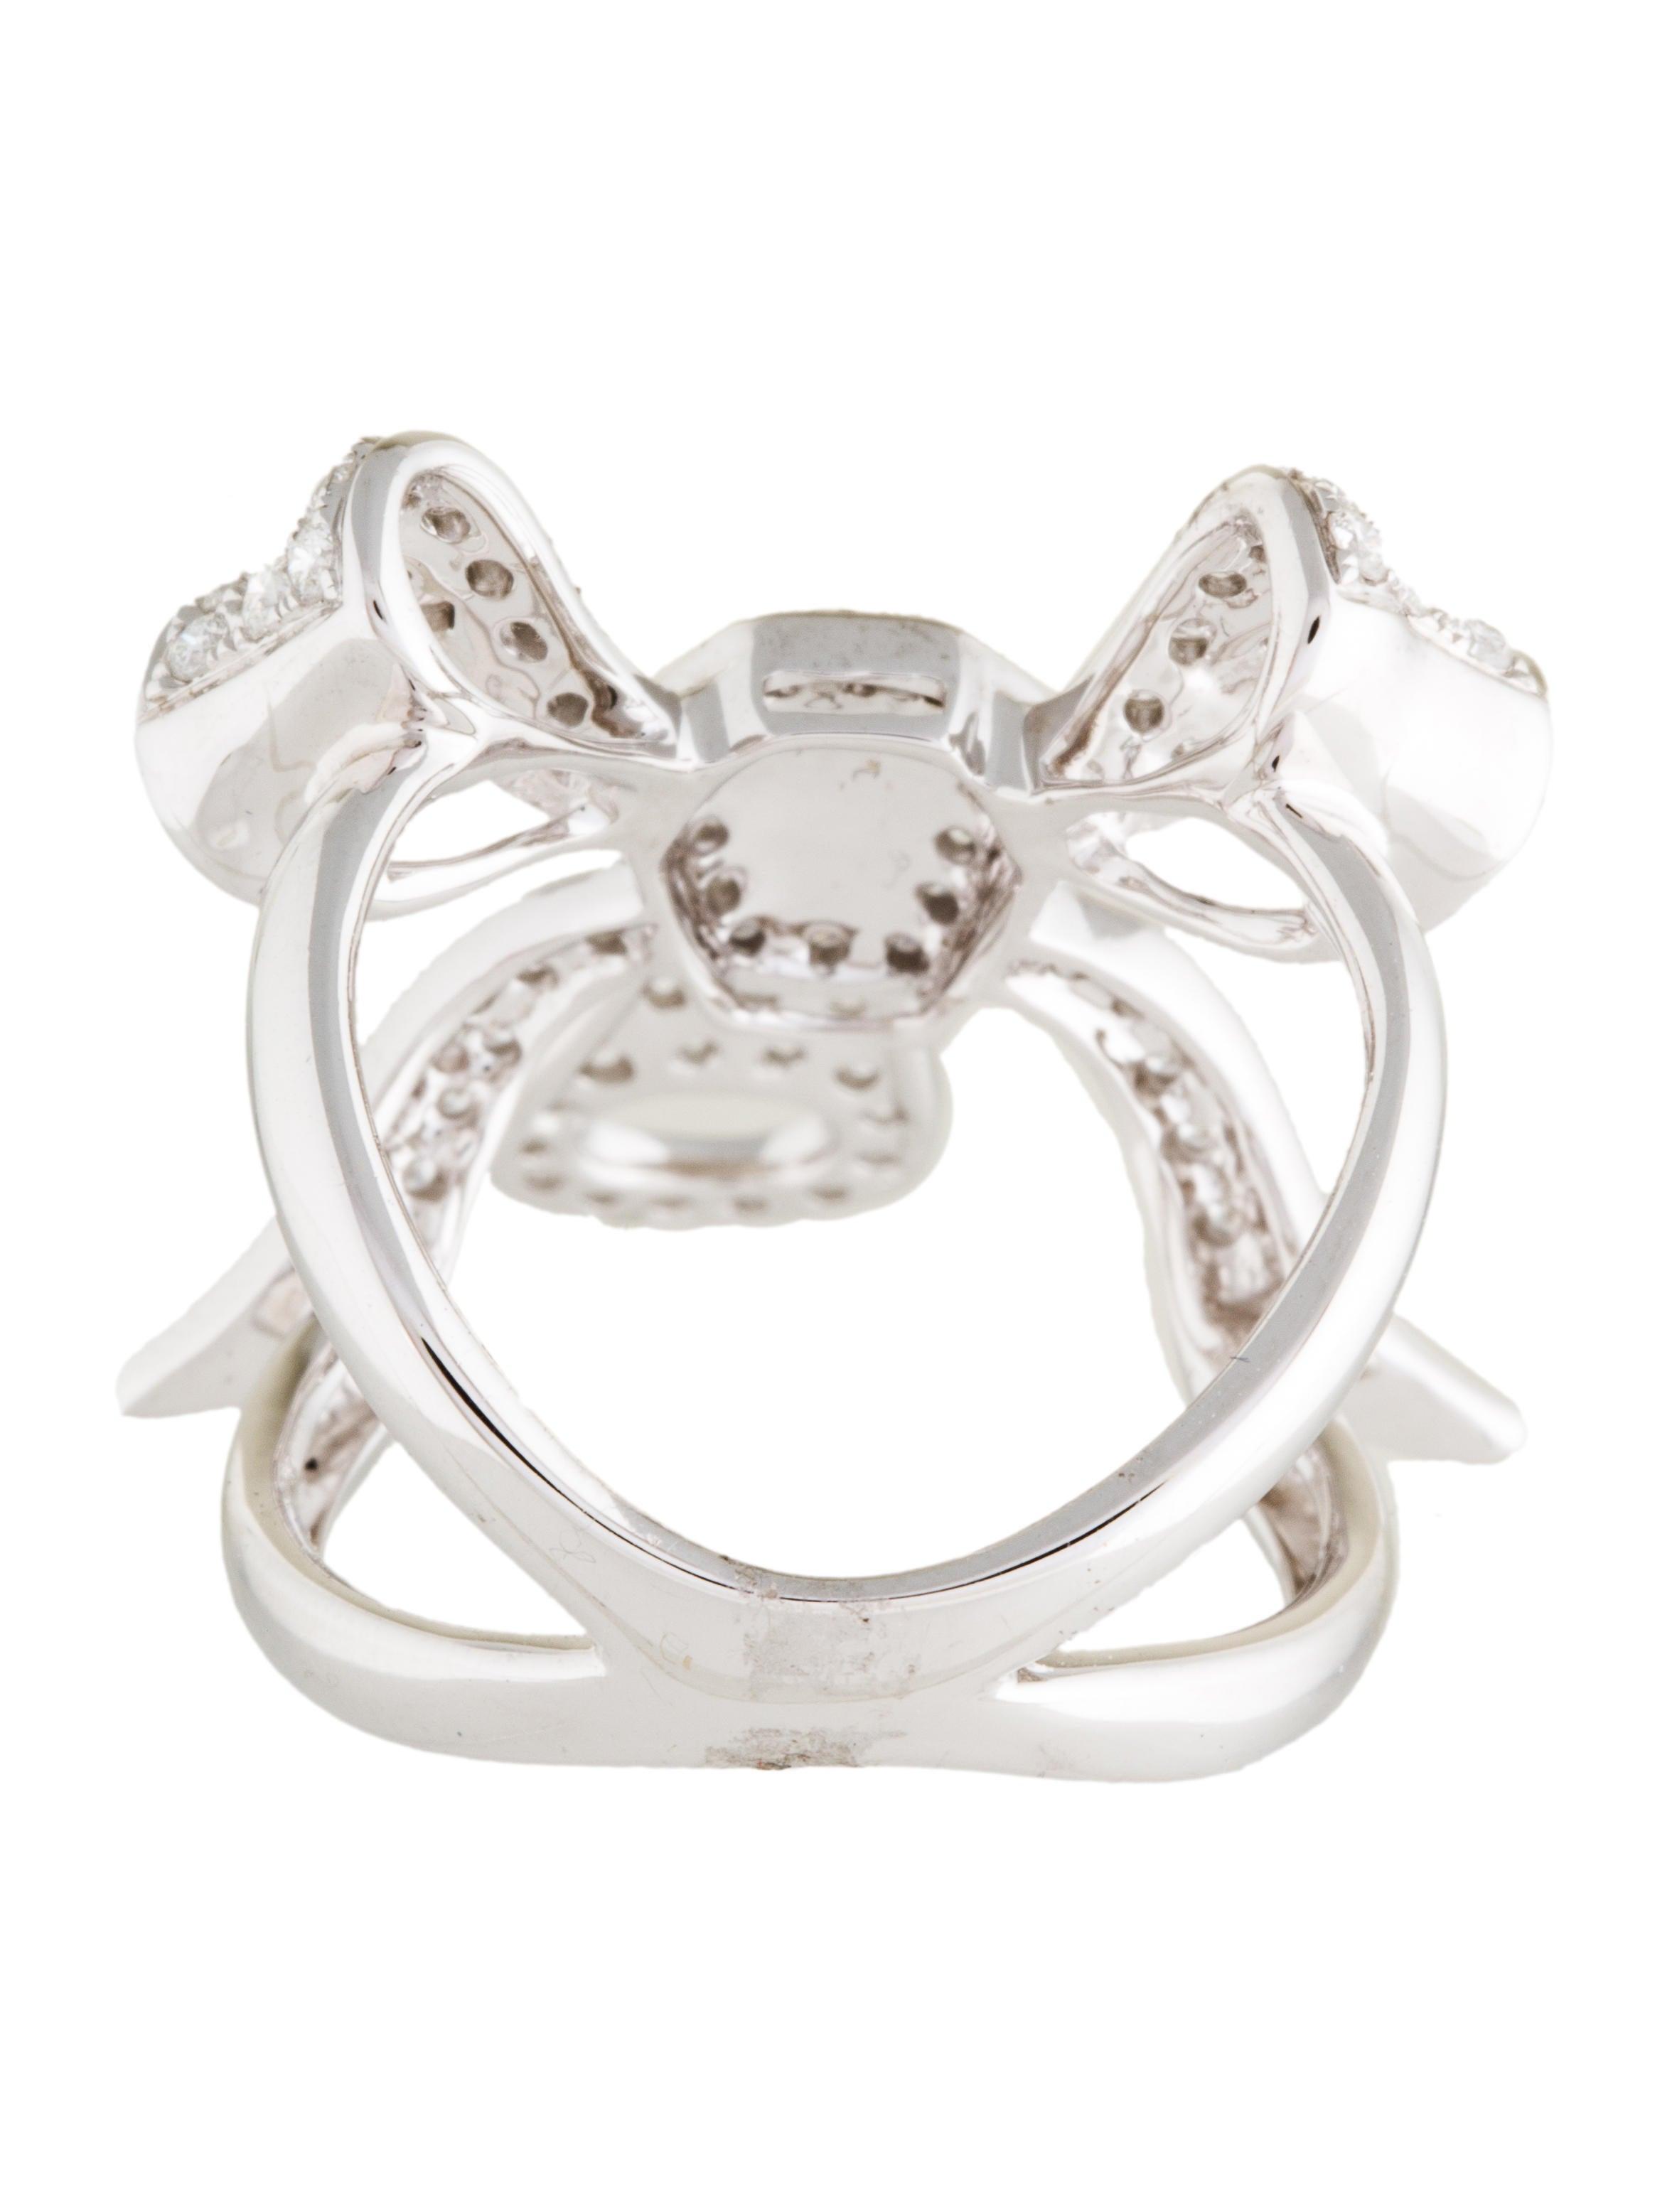 Ring Bow Il Gioiello Personalizzabile Con La Tua Nailart: 18K Diamond Bow Cocktail Ring - Rings - RRING35126